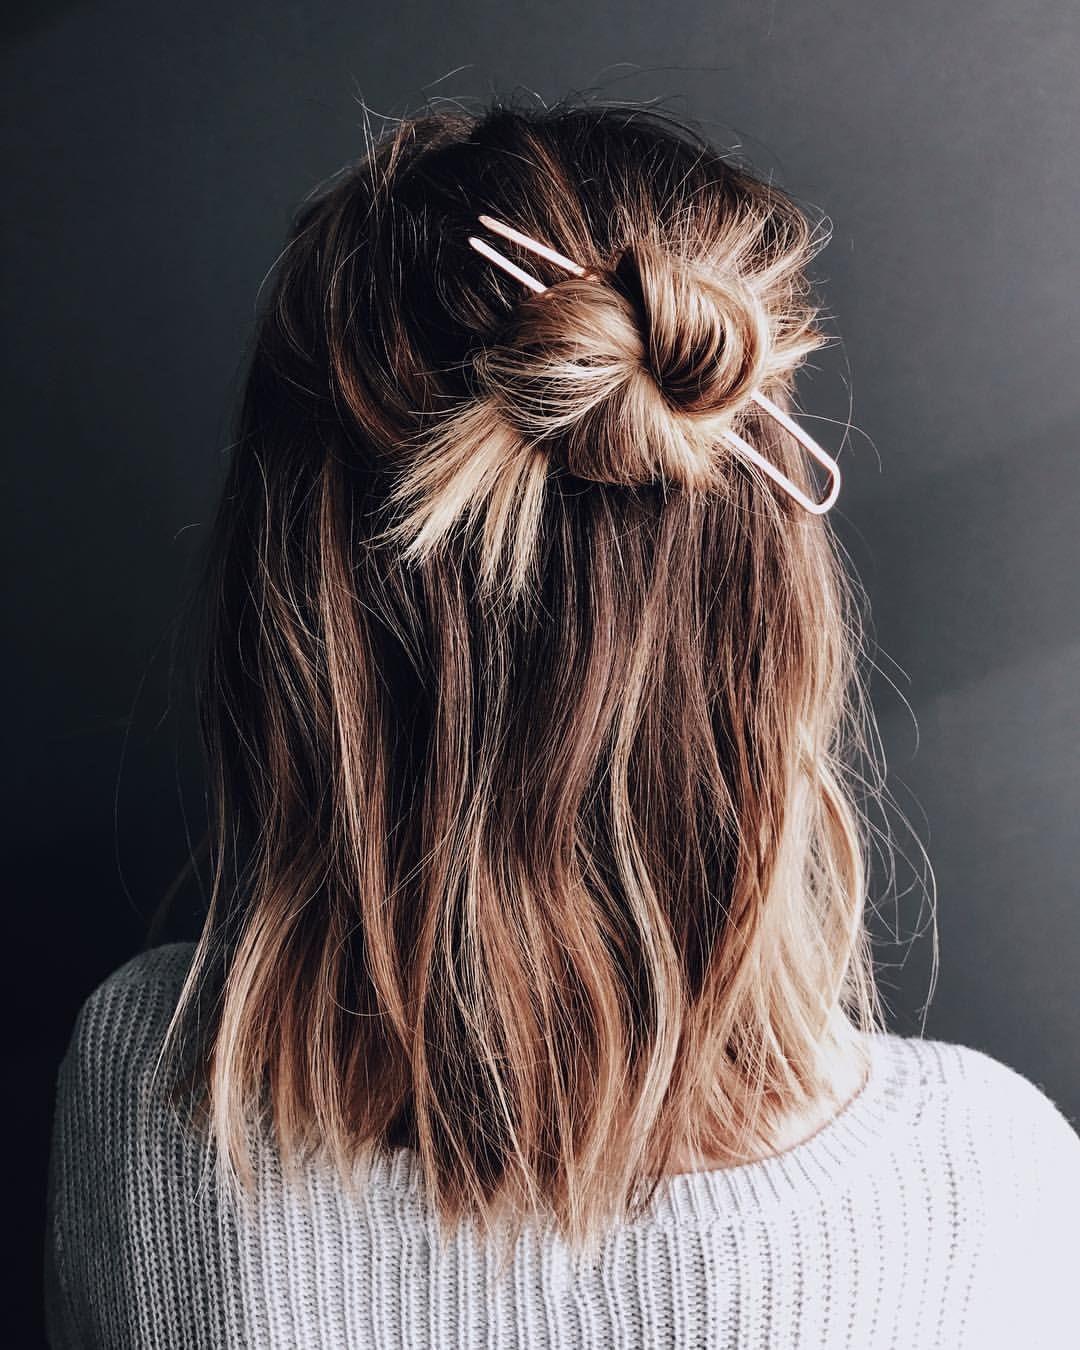 half up hair Cheveux Cheveux, Coiffure facile et Coiffure